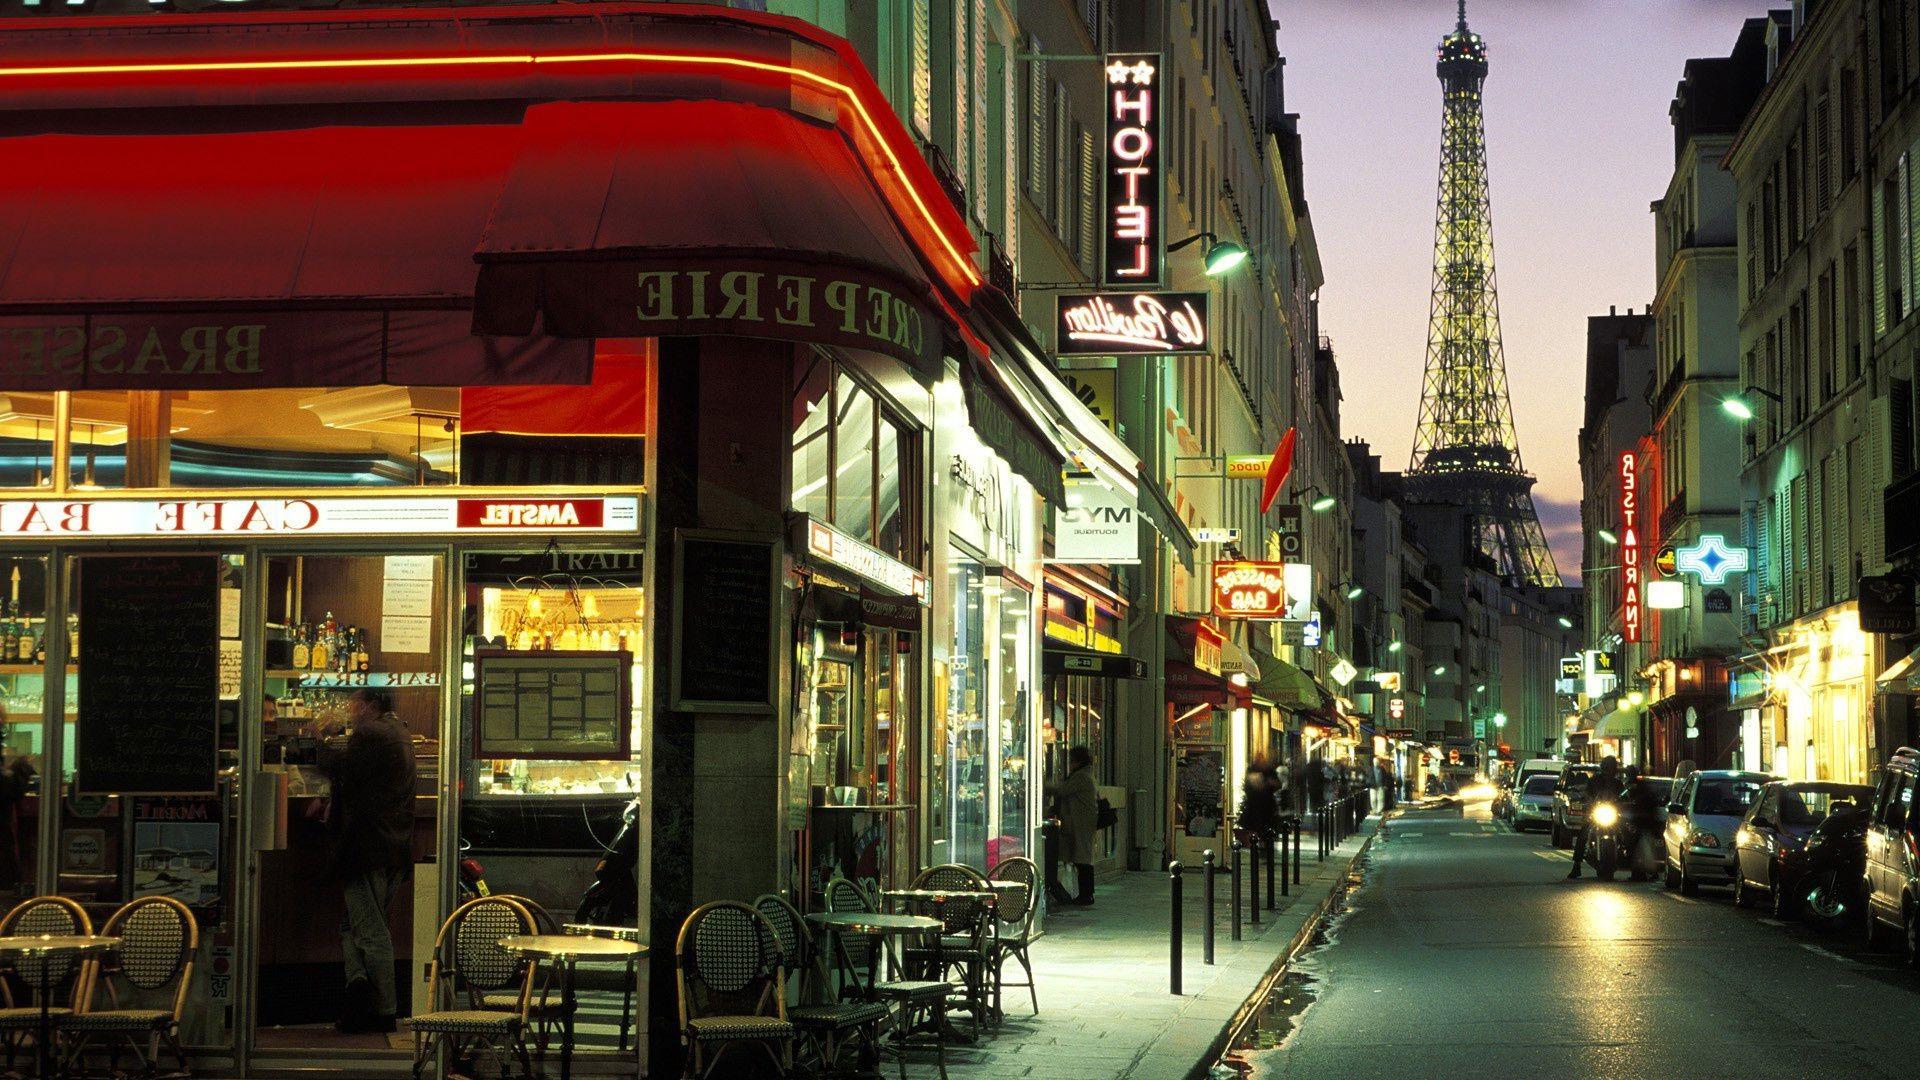 длиннее улицы парижа картинки на рабочий стол направление очень популярно